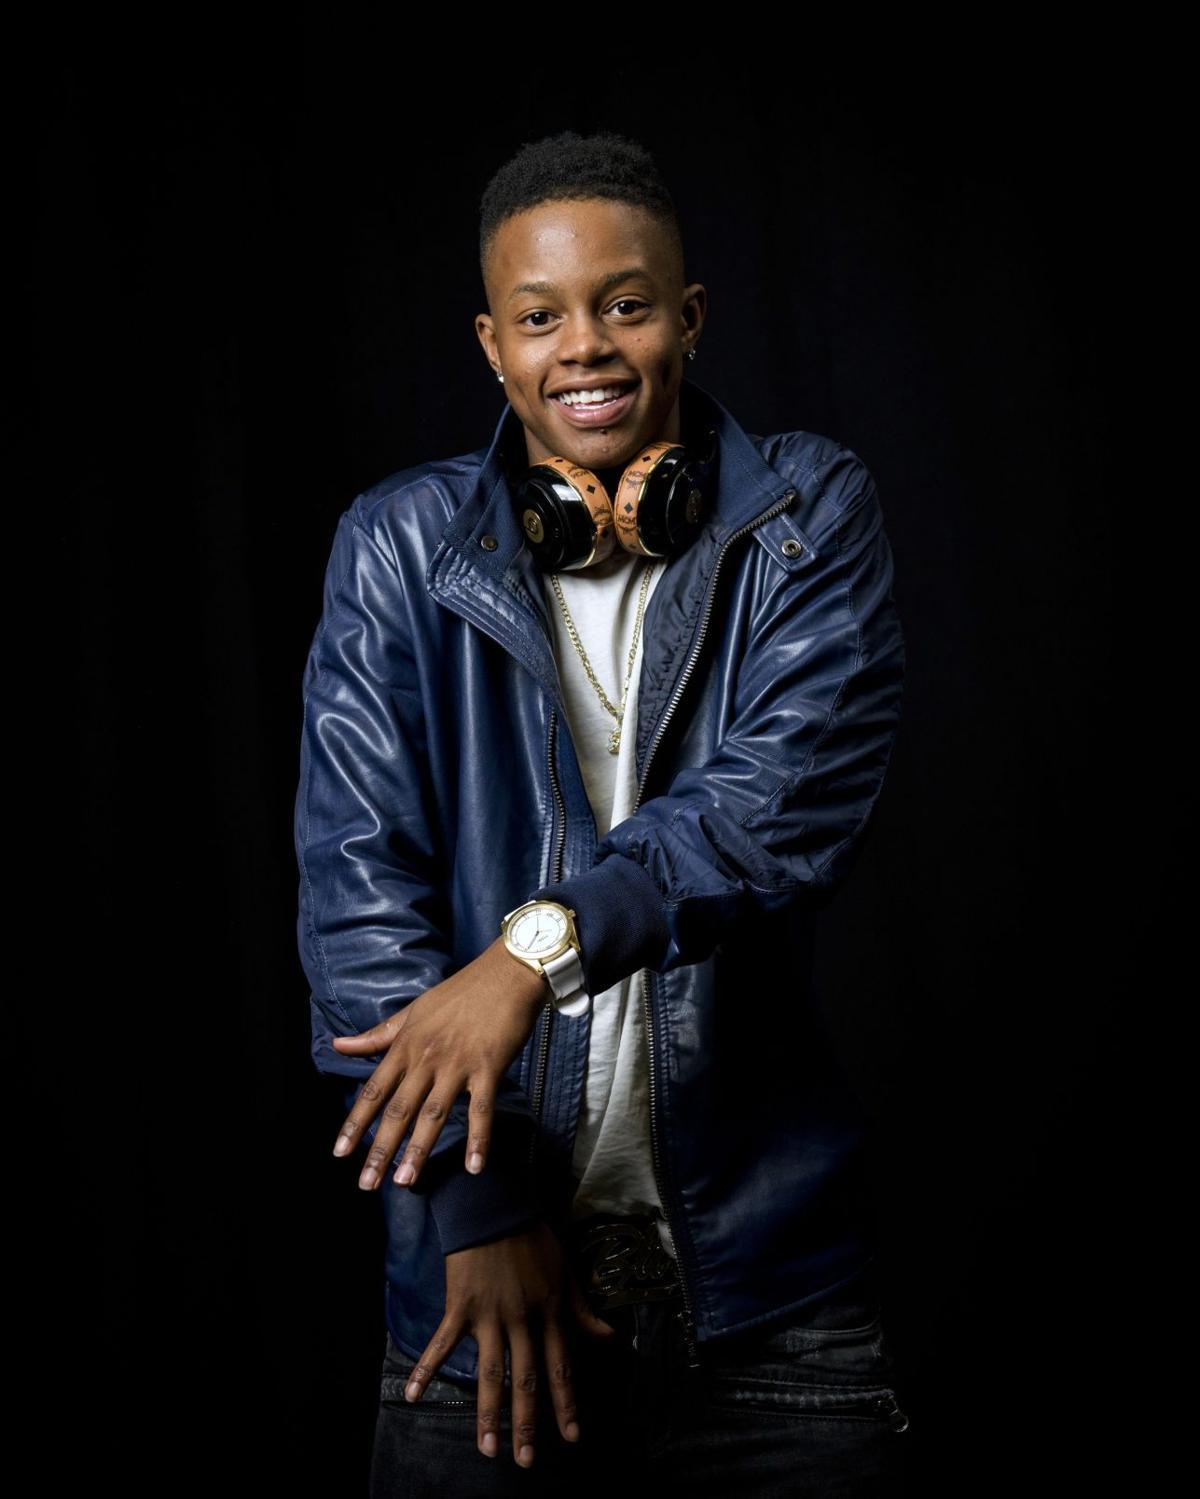 Dance craze, hit song gives rapper Silento a breakthrough